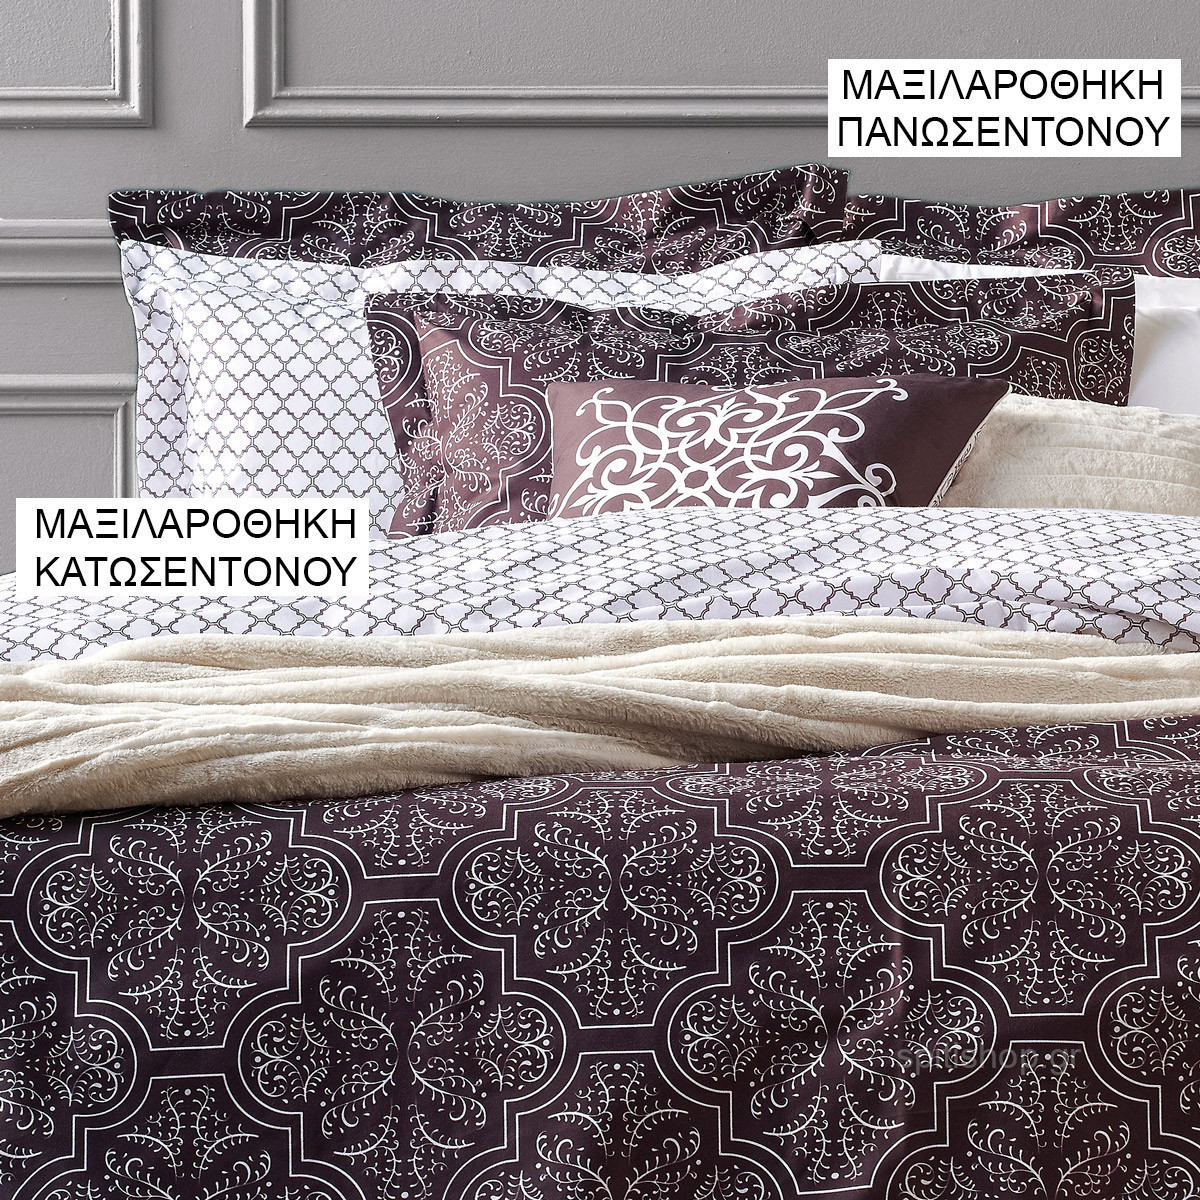 Ζεύγος Μαξιλαροθήκες Oxford Kentia Stylish Ofando 42 home   κρεβατοκάμαρα   μαξιλάρια   μαξιλαροθήκες